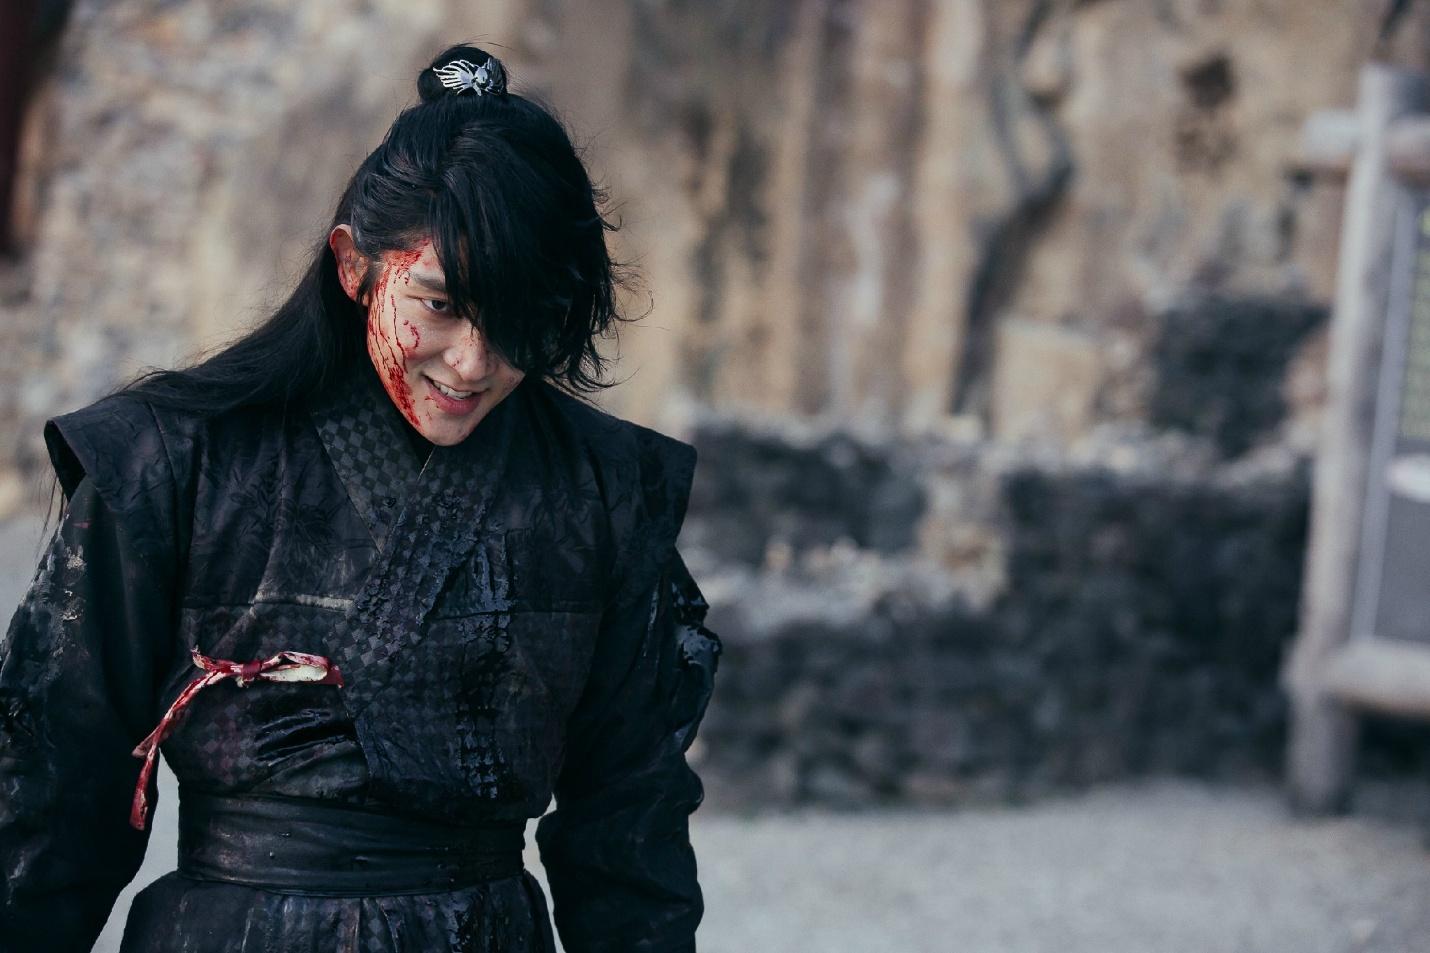 Tứ hoàng tử Wang So - Khuất sau chiếc mặt nạ chính là bi thương vô tận? - Ảnh 4.